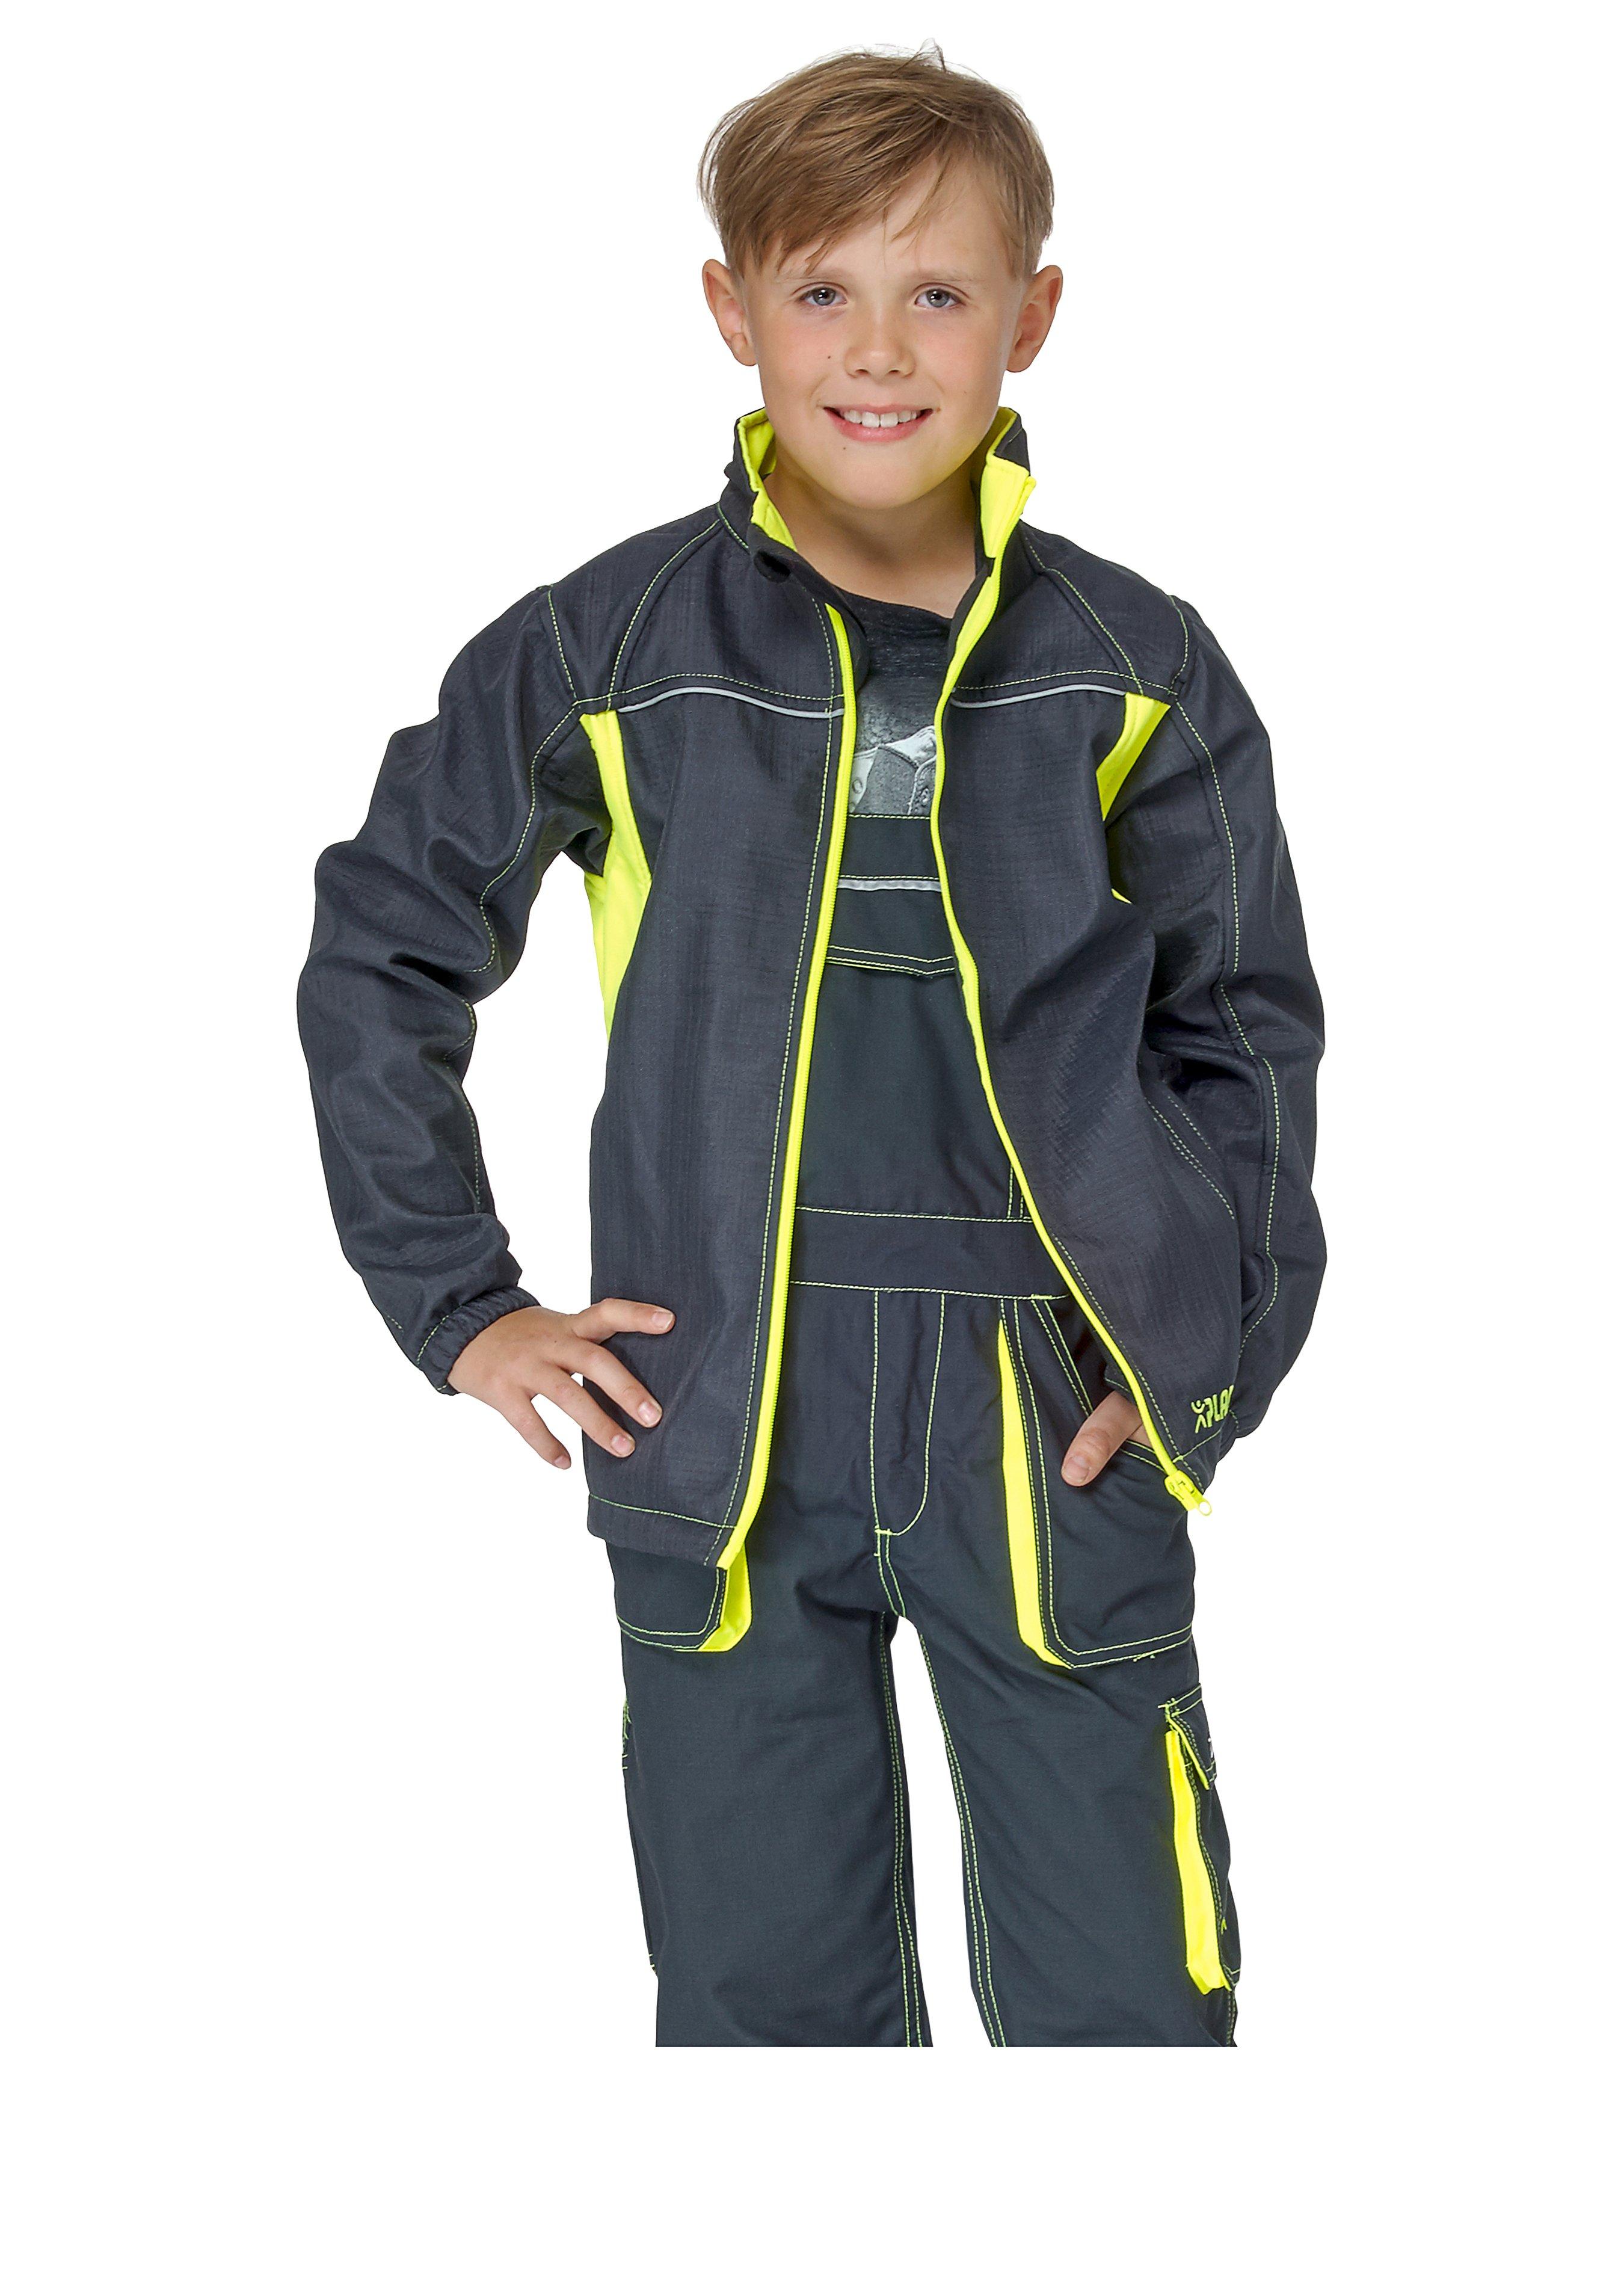 Planam Kinder-Softshelljacke Junior 183312110 1